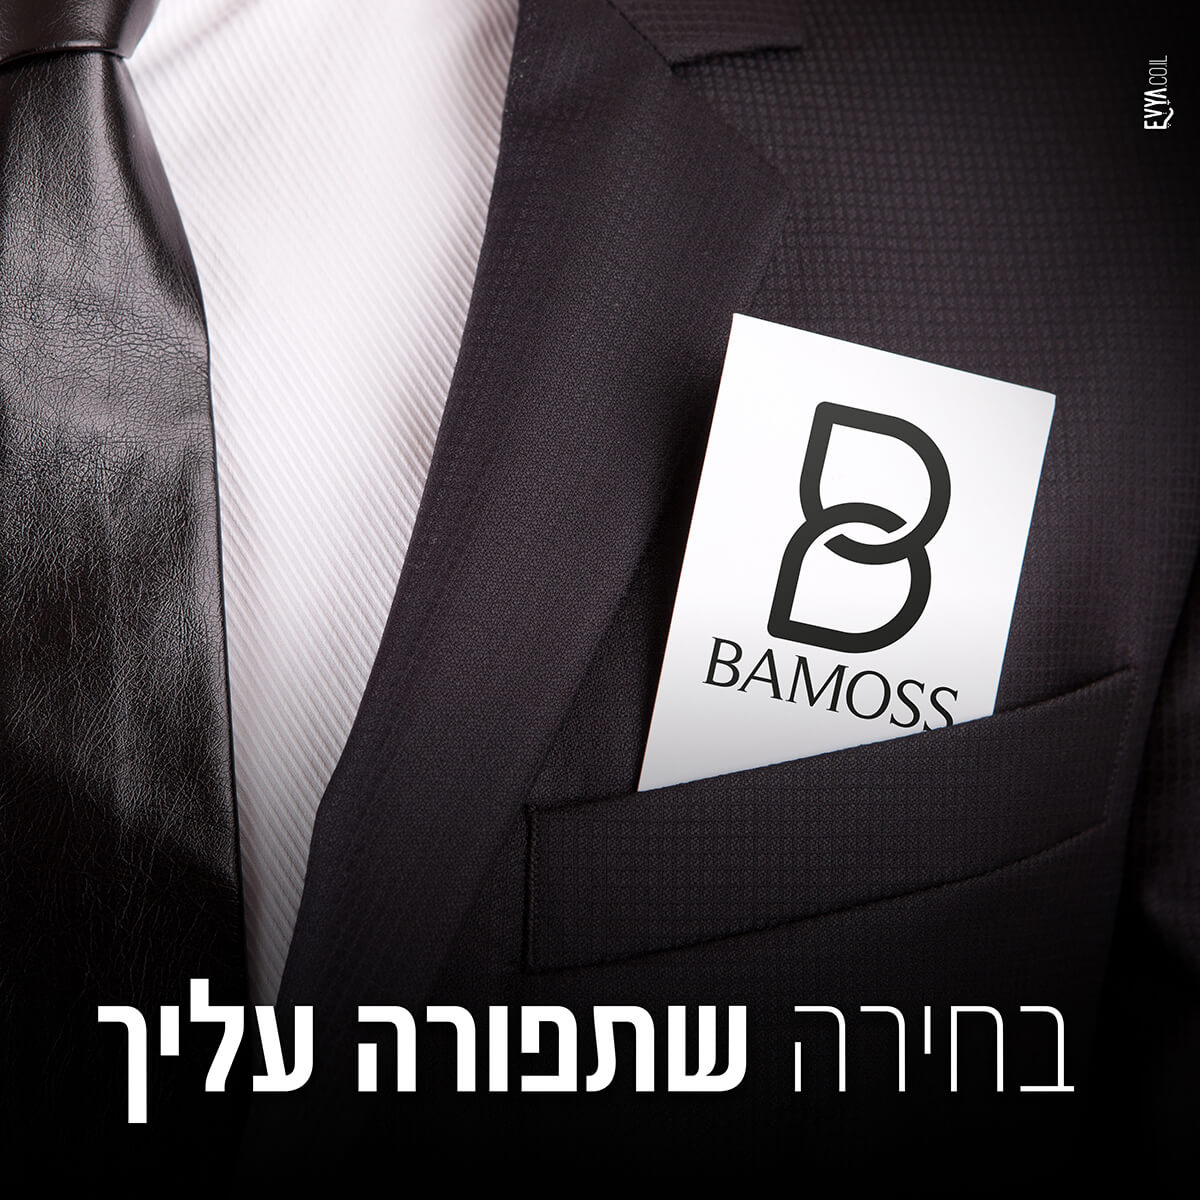 bamoss-elections